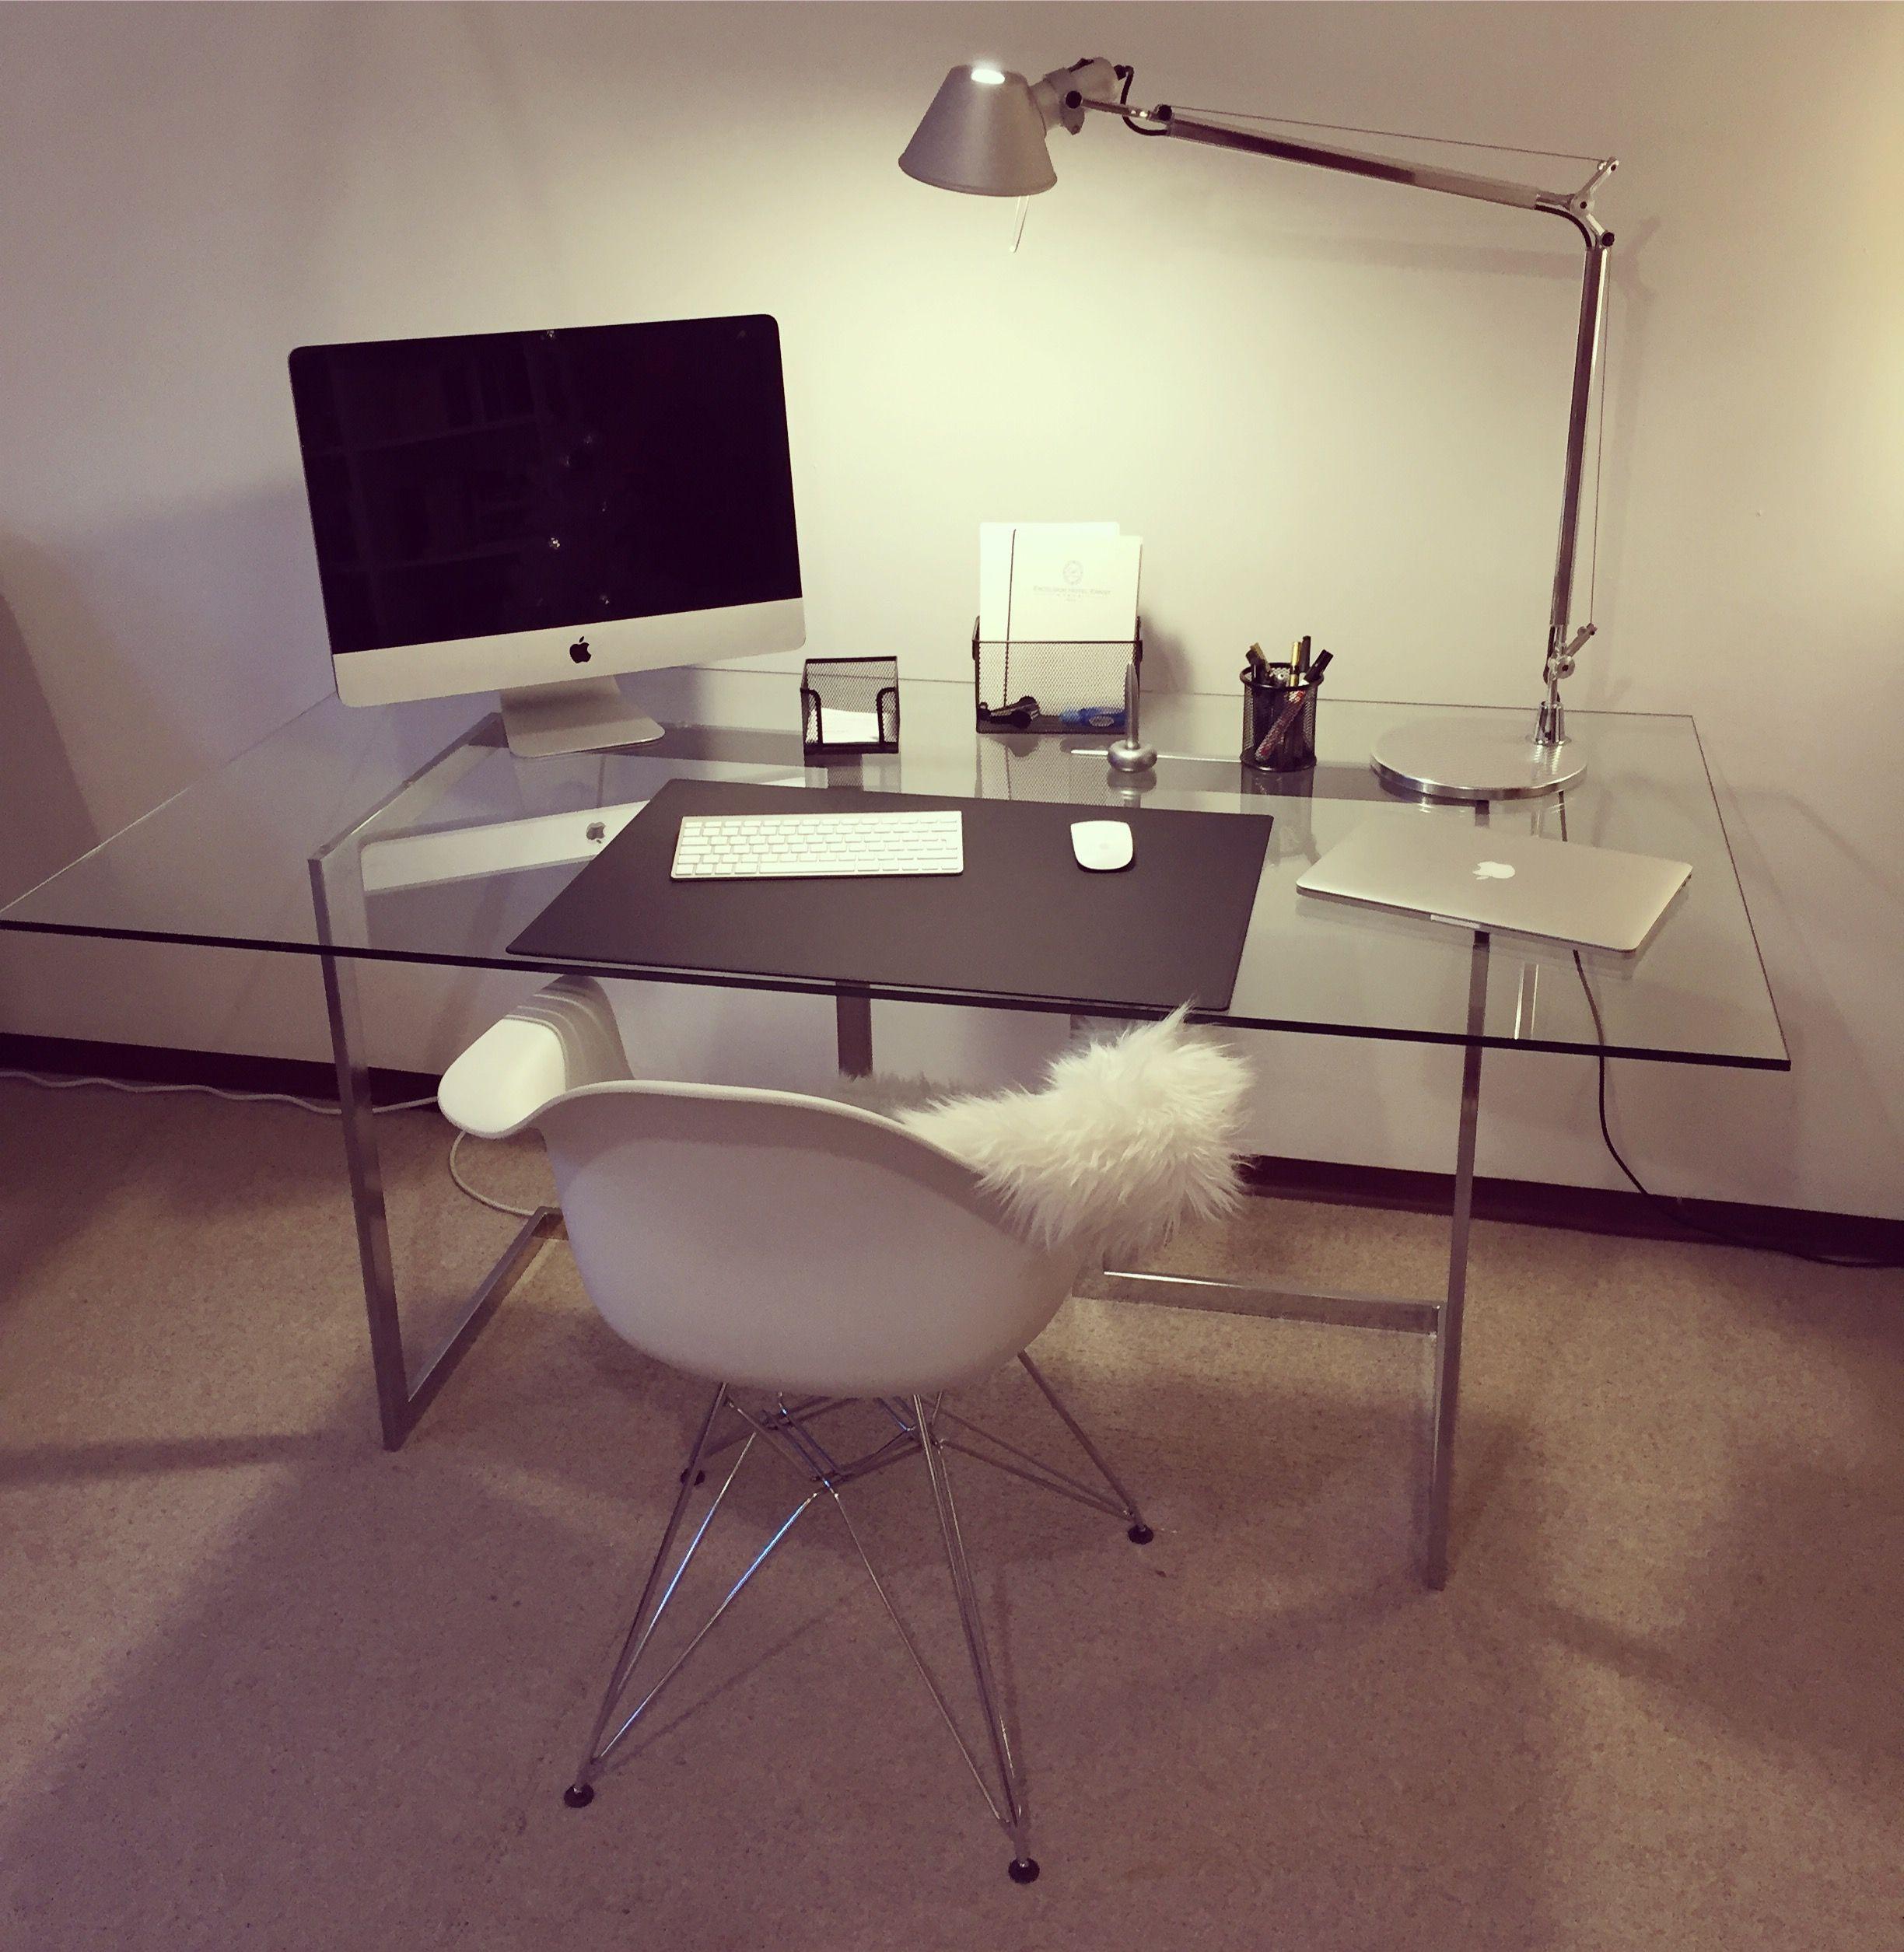 Kare design schreibtisch mit eames stuhl artemide tolomeo for Stehlampe designklassiker